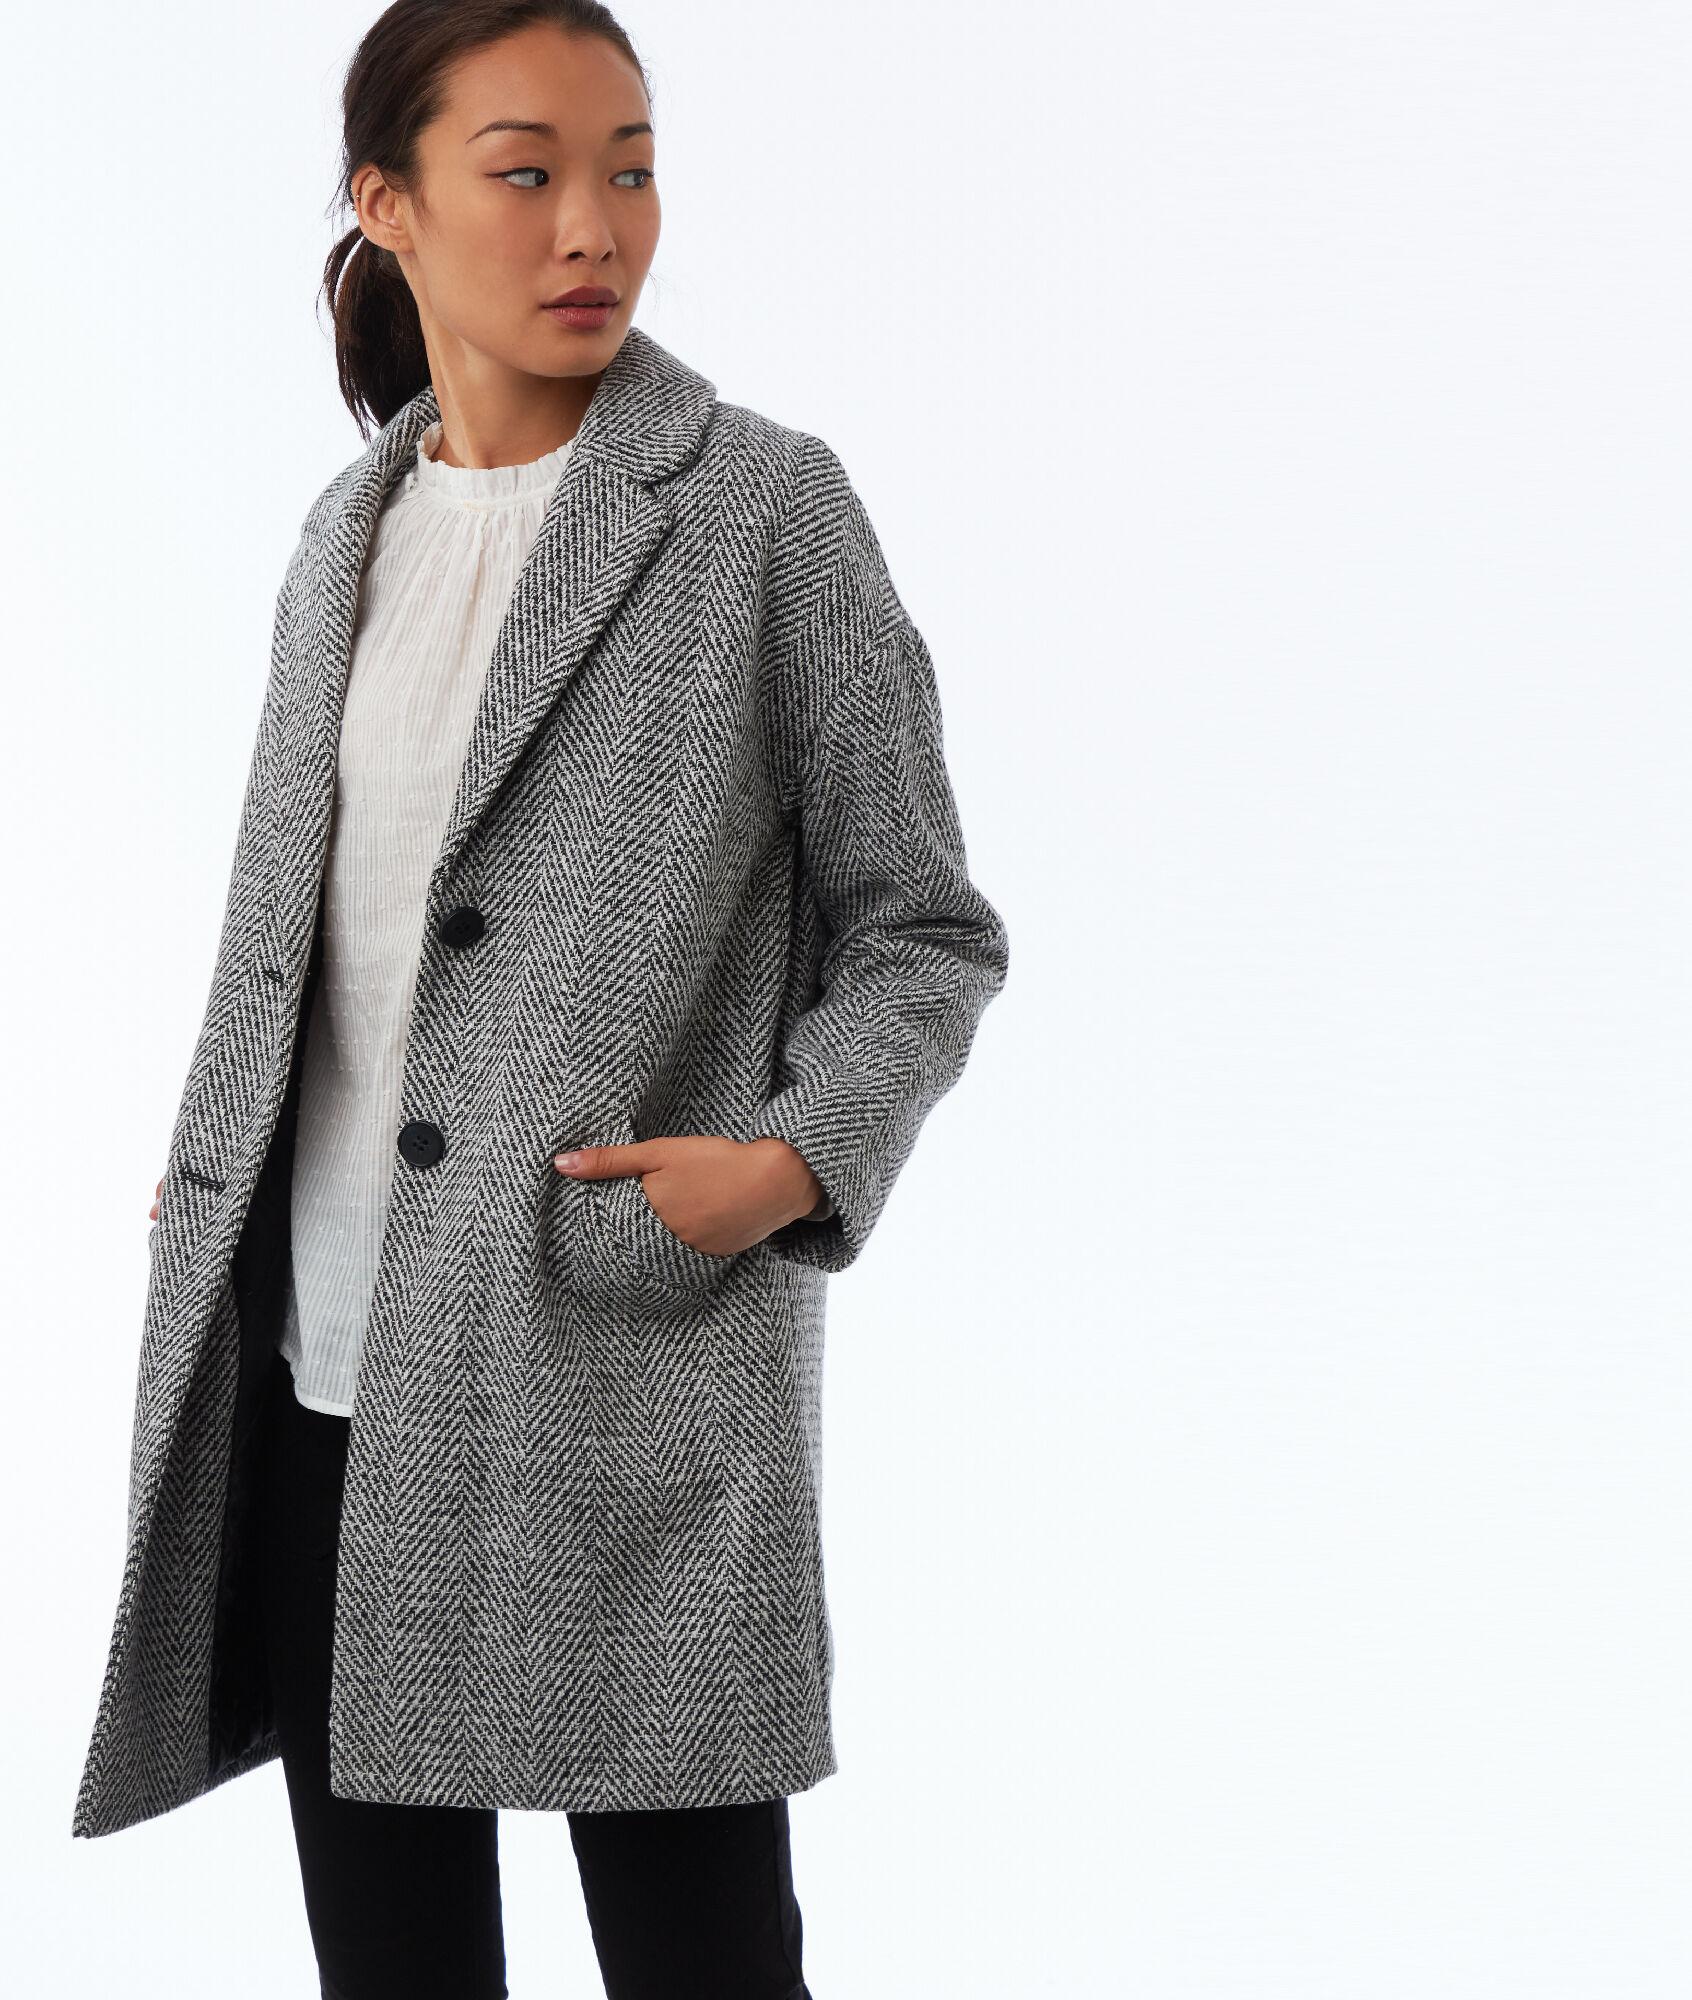 Manteau longue femme style militaire